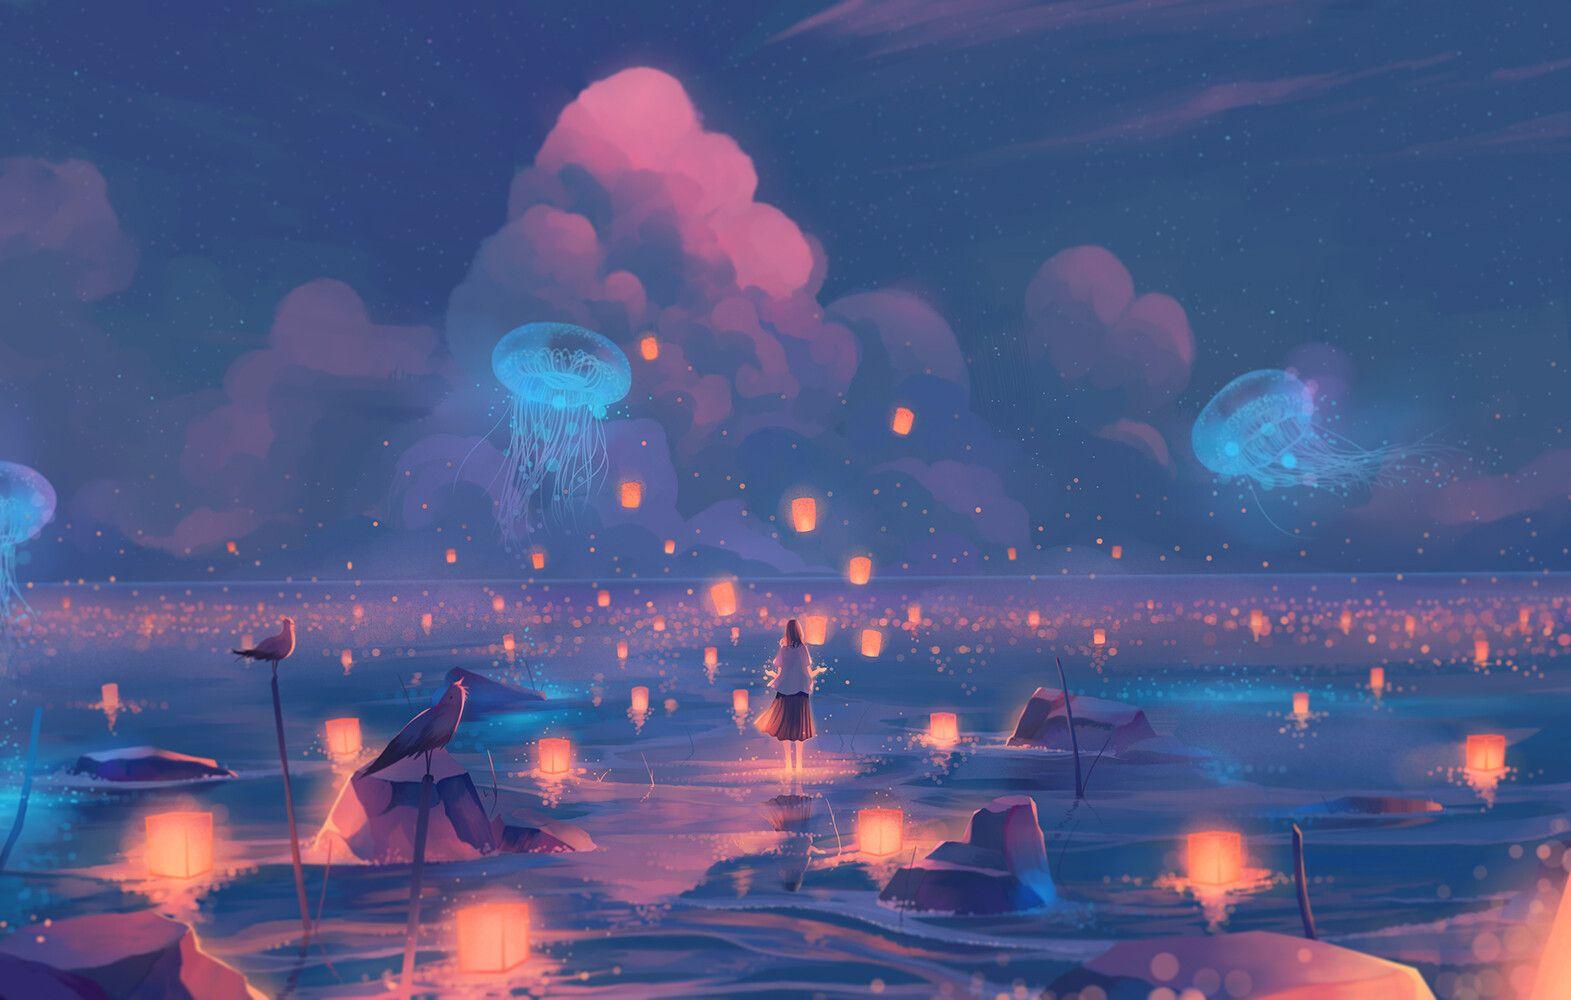 Stars In The Corner Morncolour In 2020 Anime Backgrounds Wallpapers Scenery Wallpaper Aesthetic Desktop Wallpaper